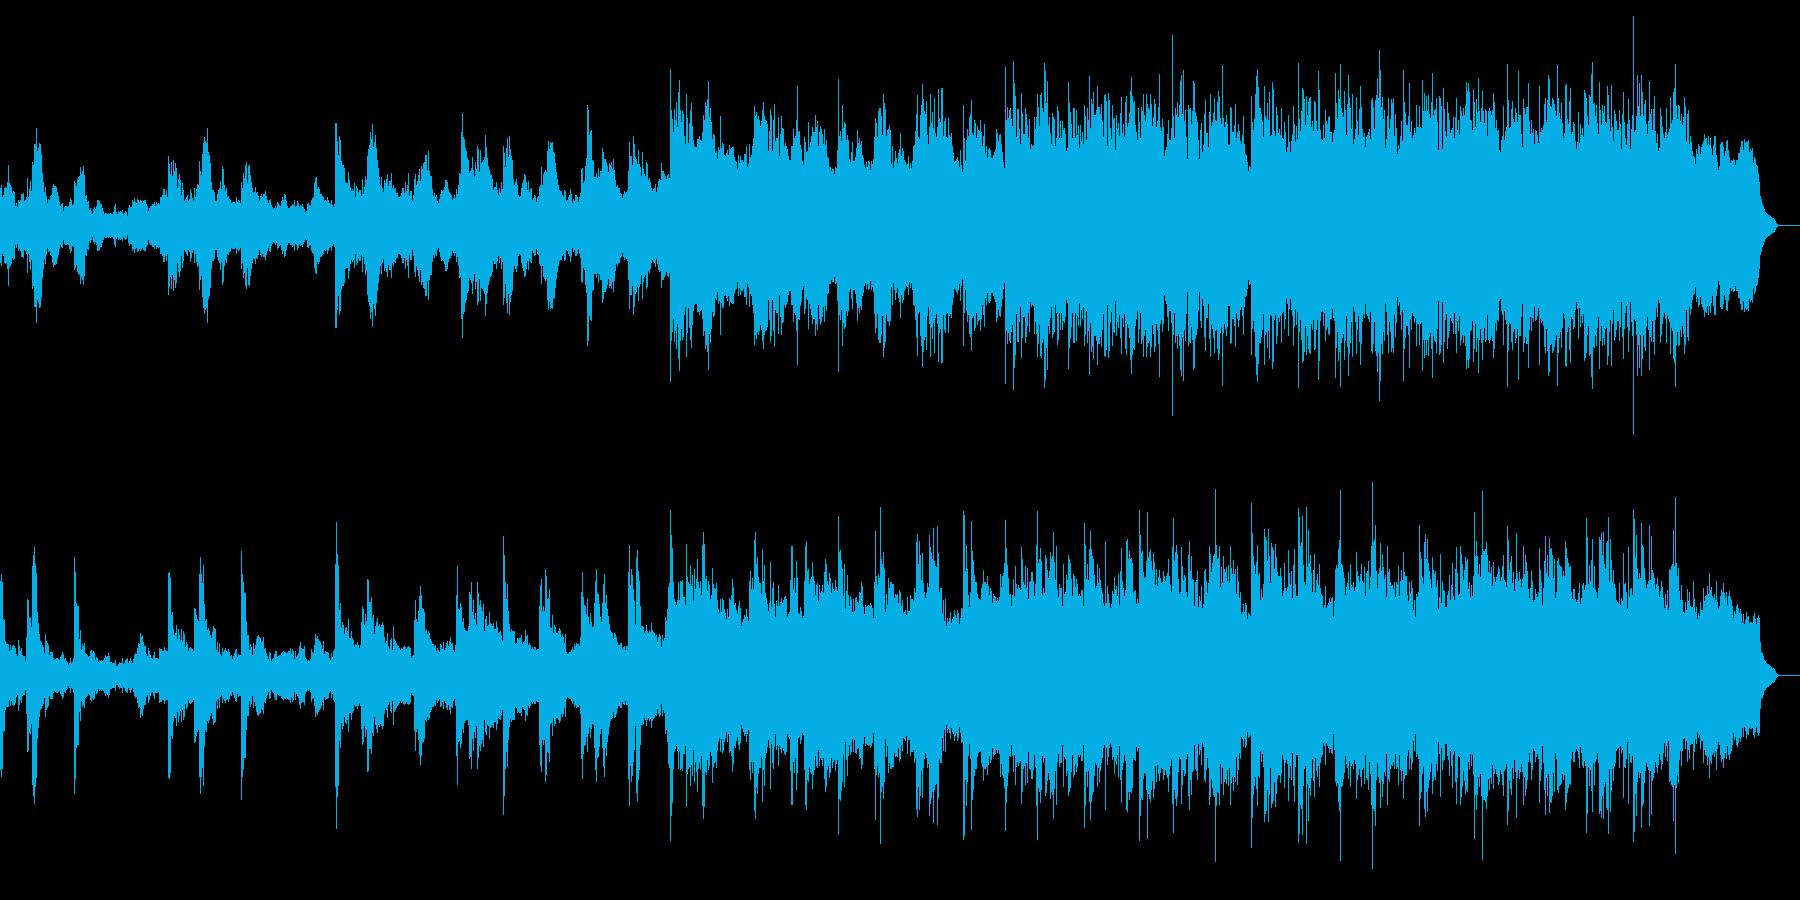 壮大な雰囲気の楽曲の再生済みの波形